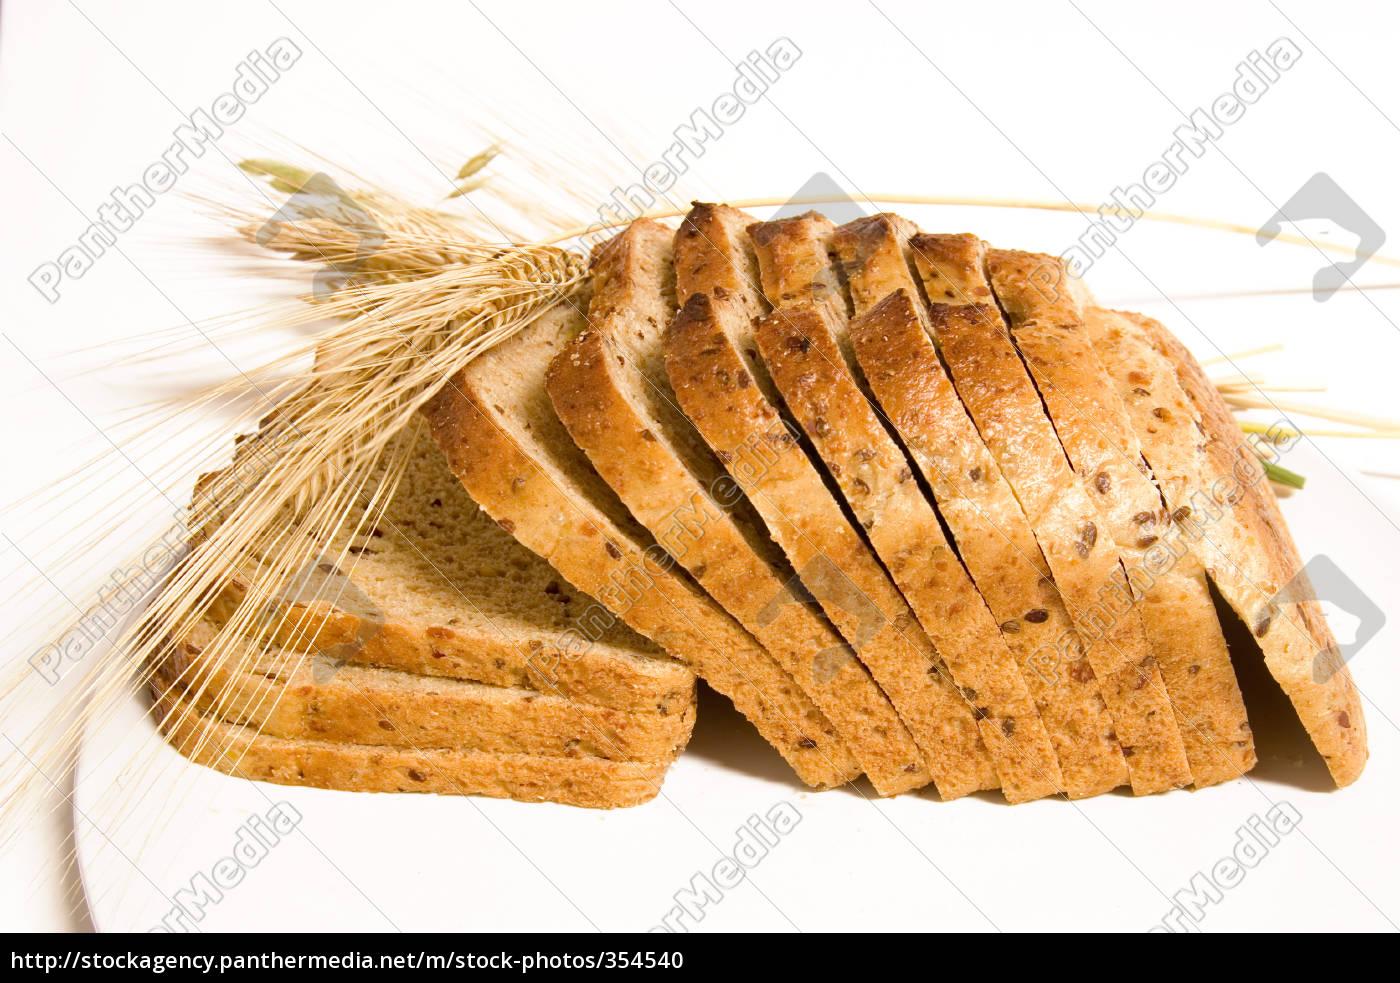 loaf - 354540